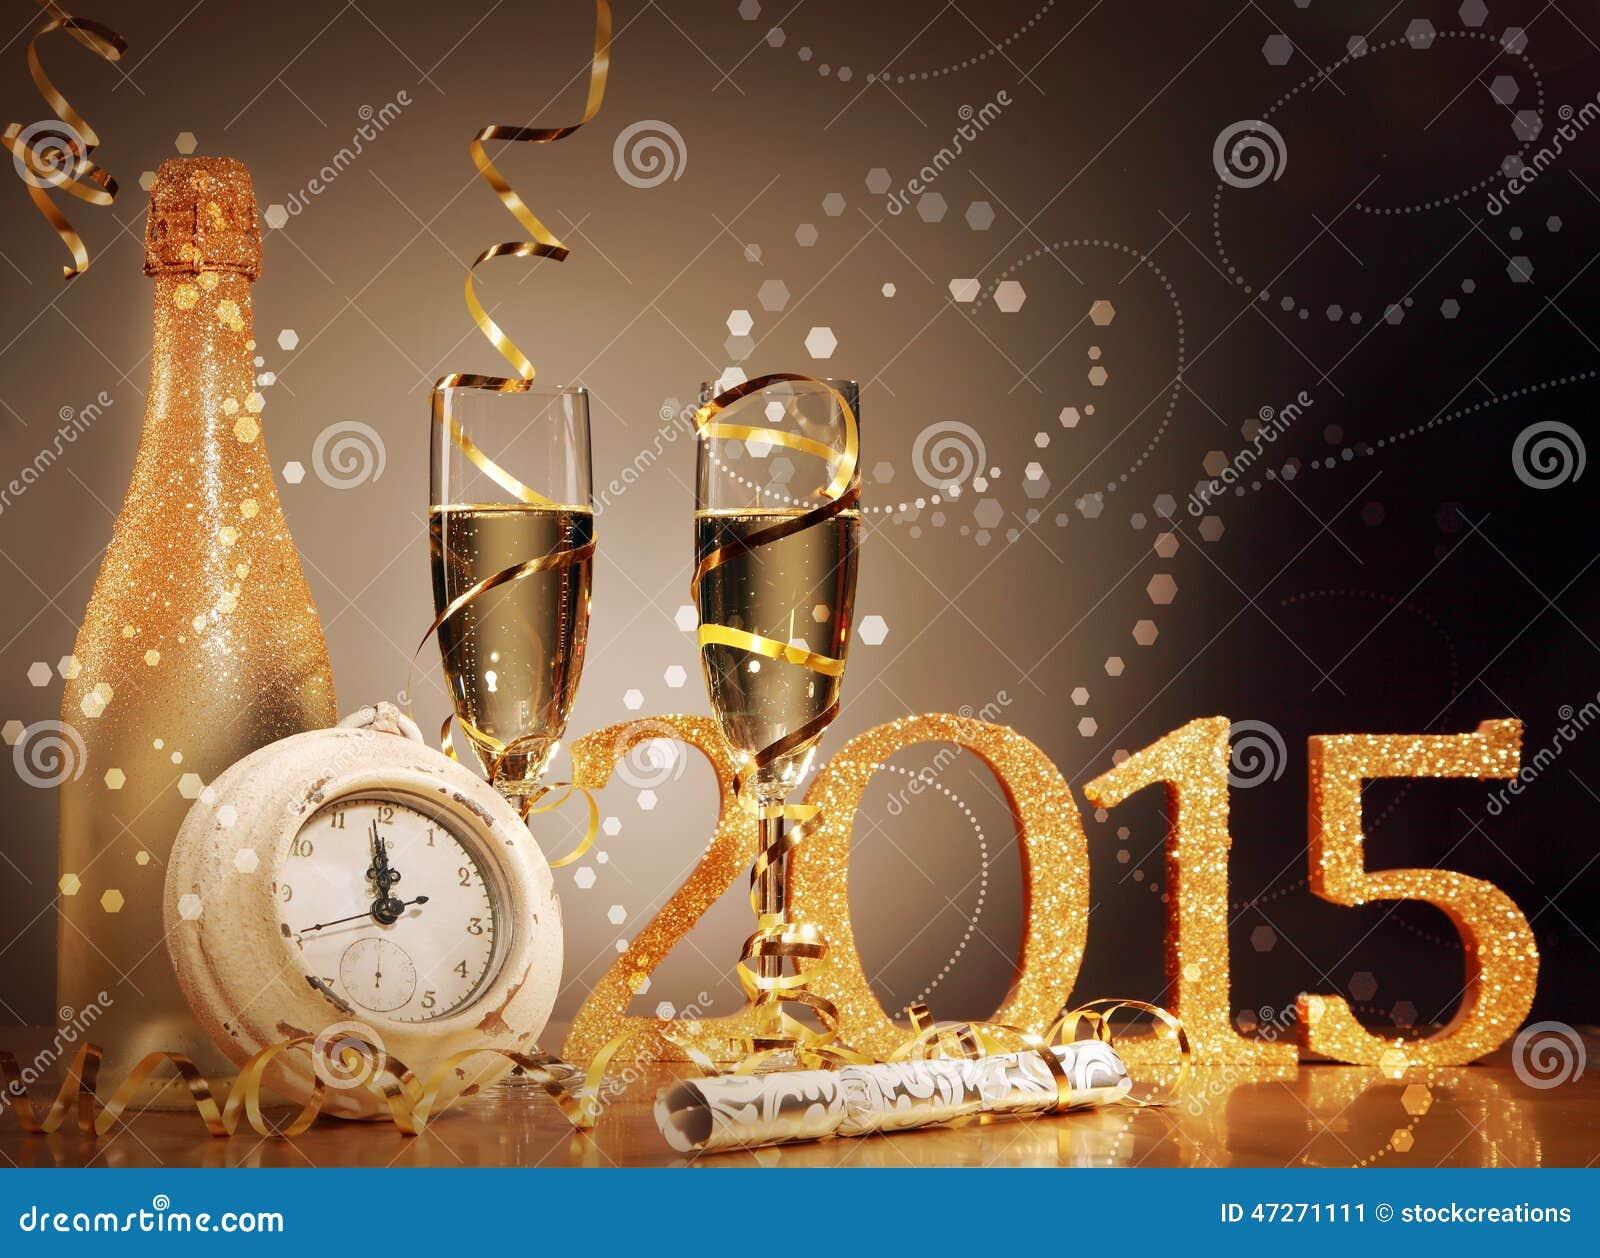 2015除夕庆祝背景